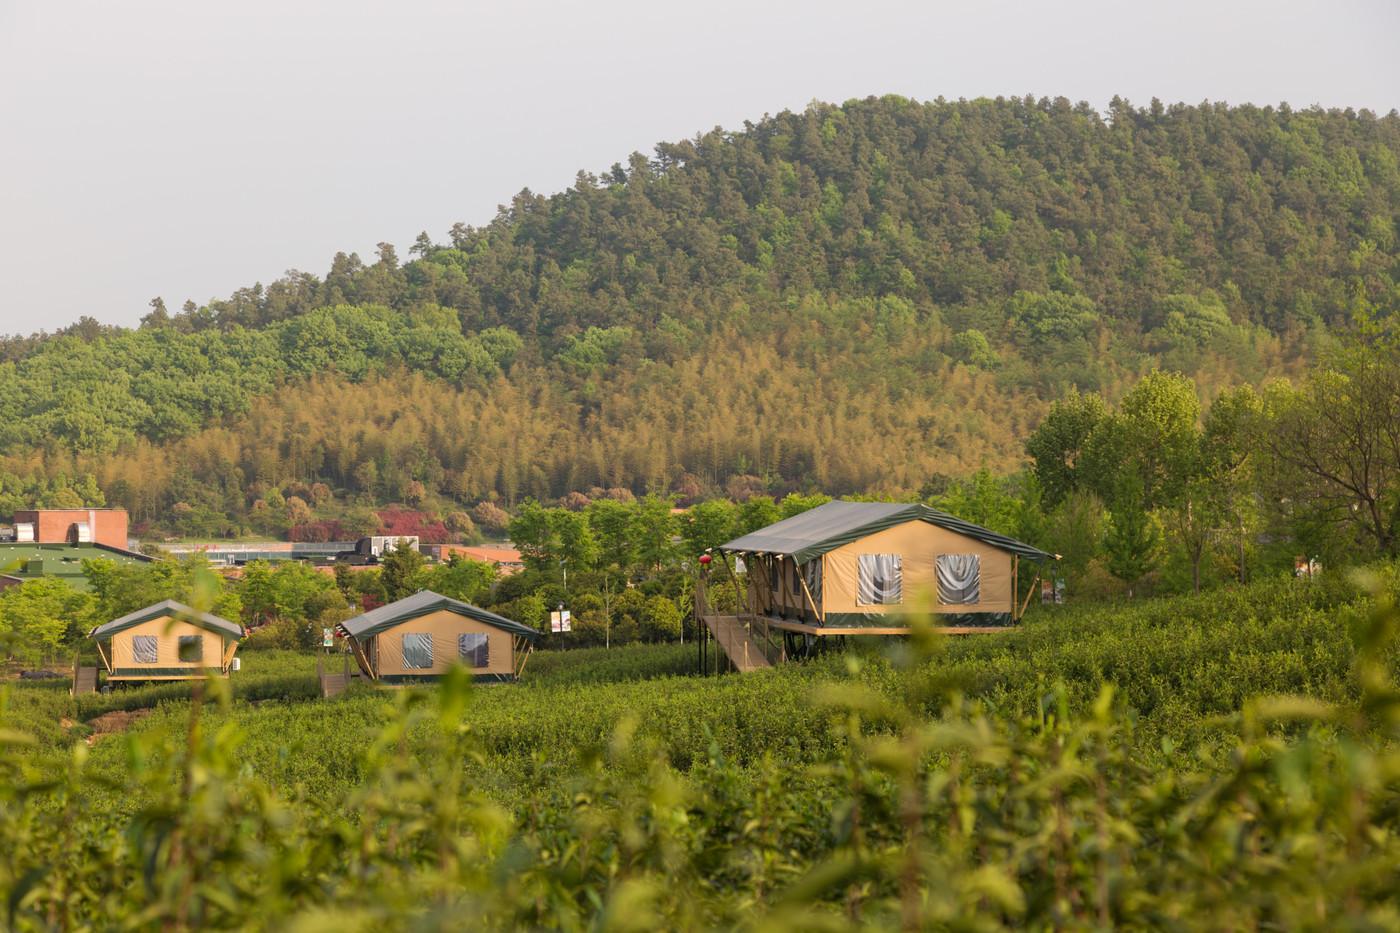 喜马拉雅野奢帐篷酒店—江苏常州茅山宝盛园2期茶田帐篷酒店8